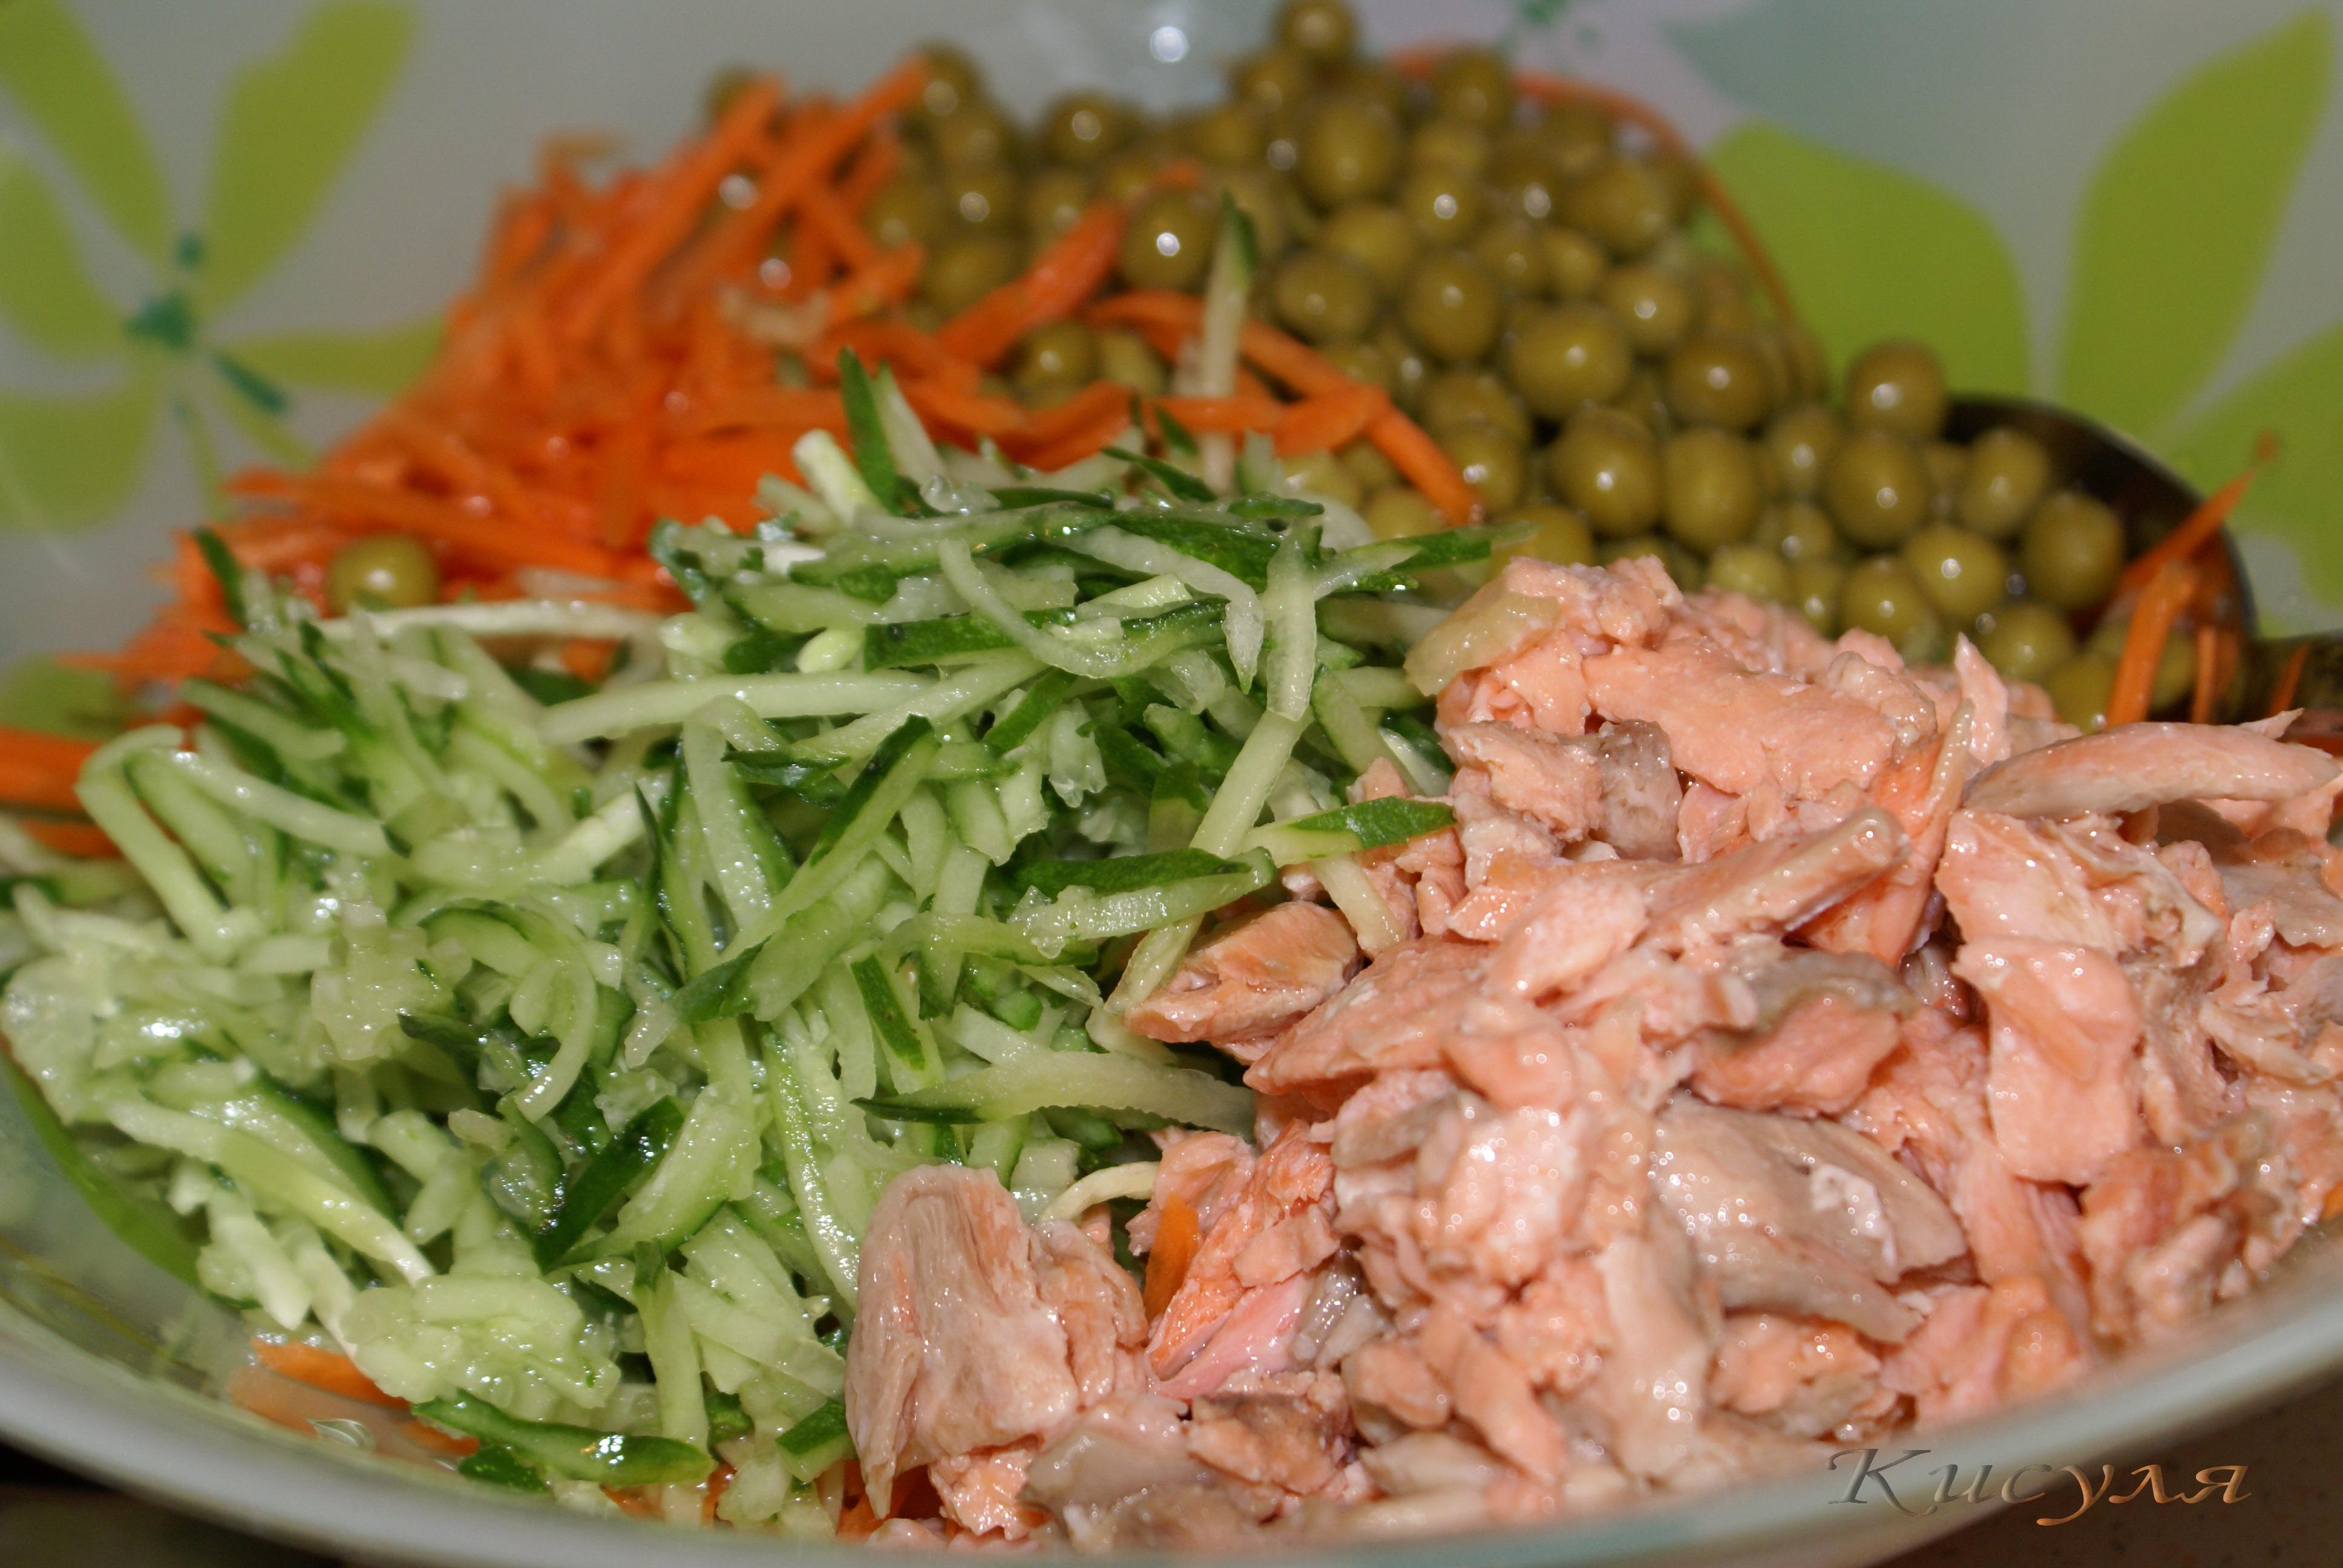 рыбака профессионалы рыбные салатики рецепты с фото раскрытые